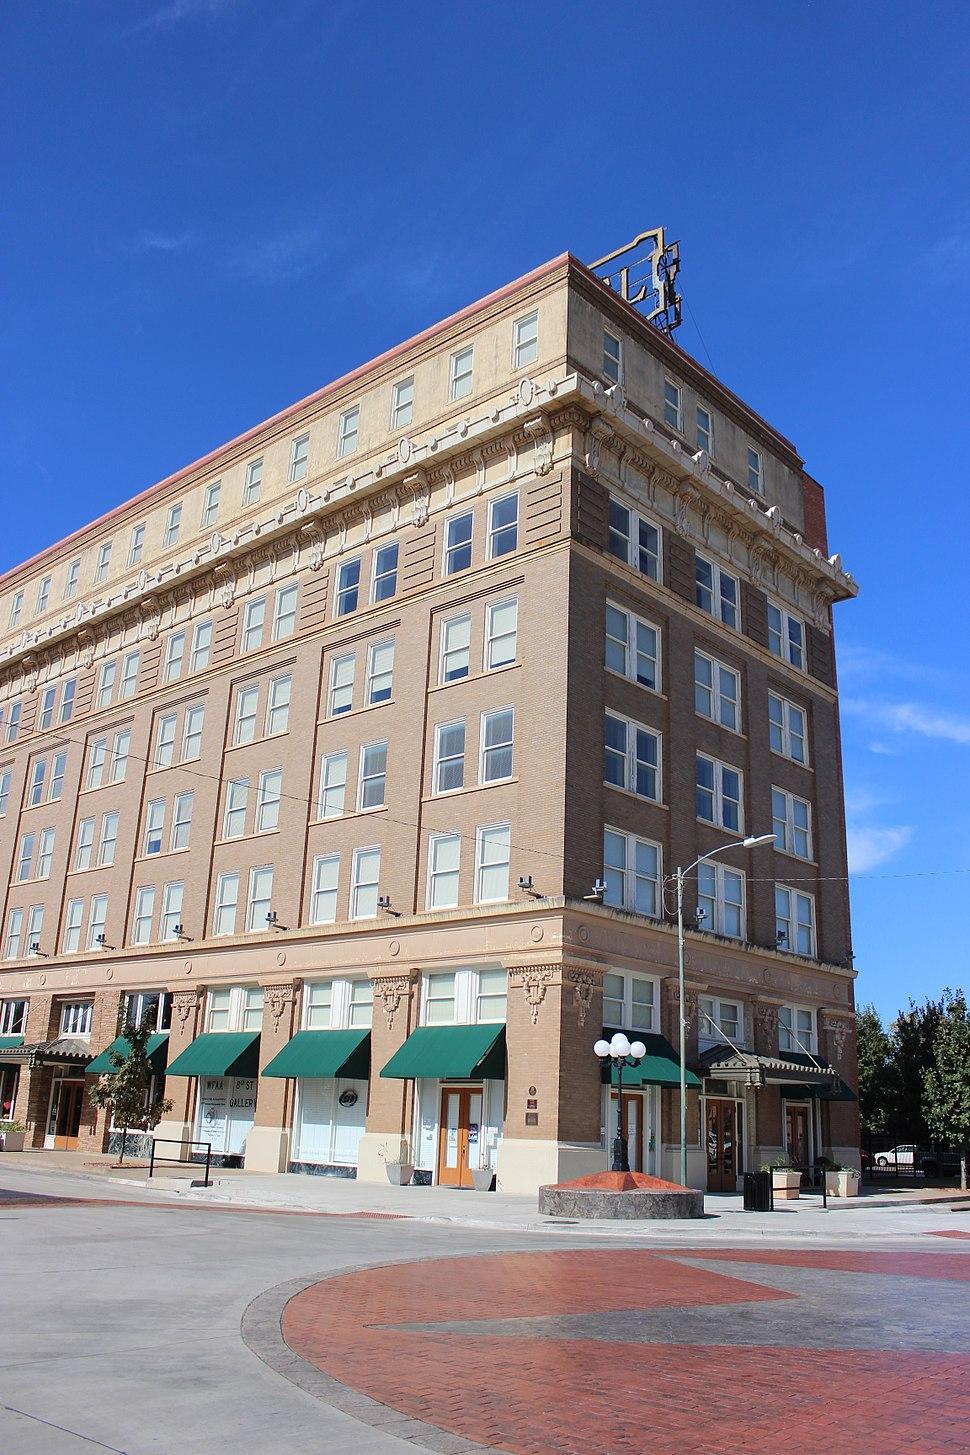 Kemp-Kell Building, 1910